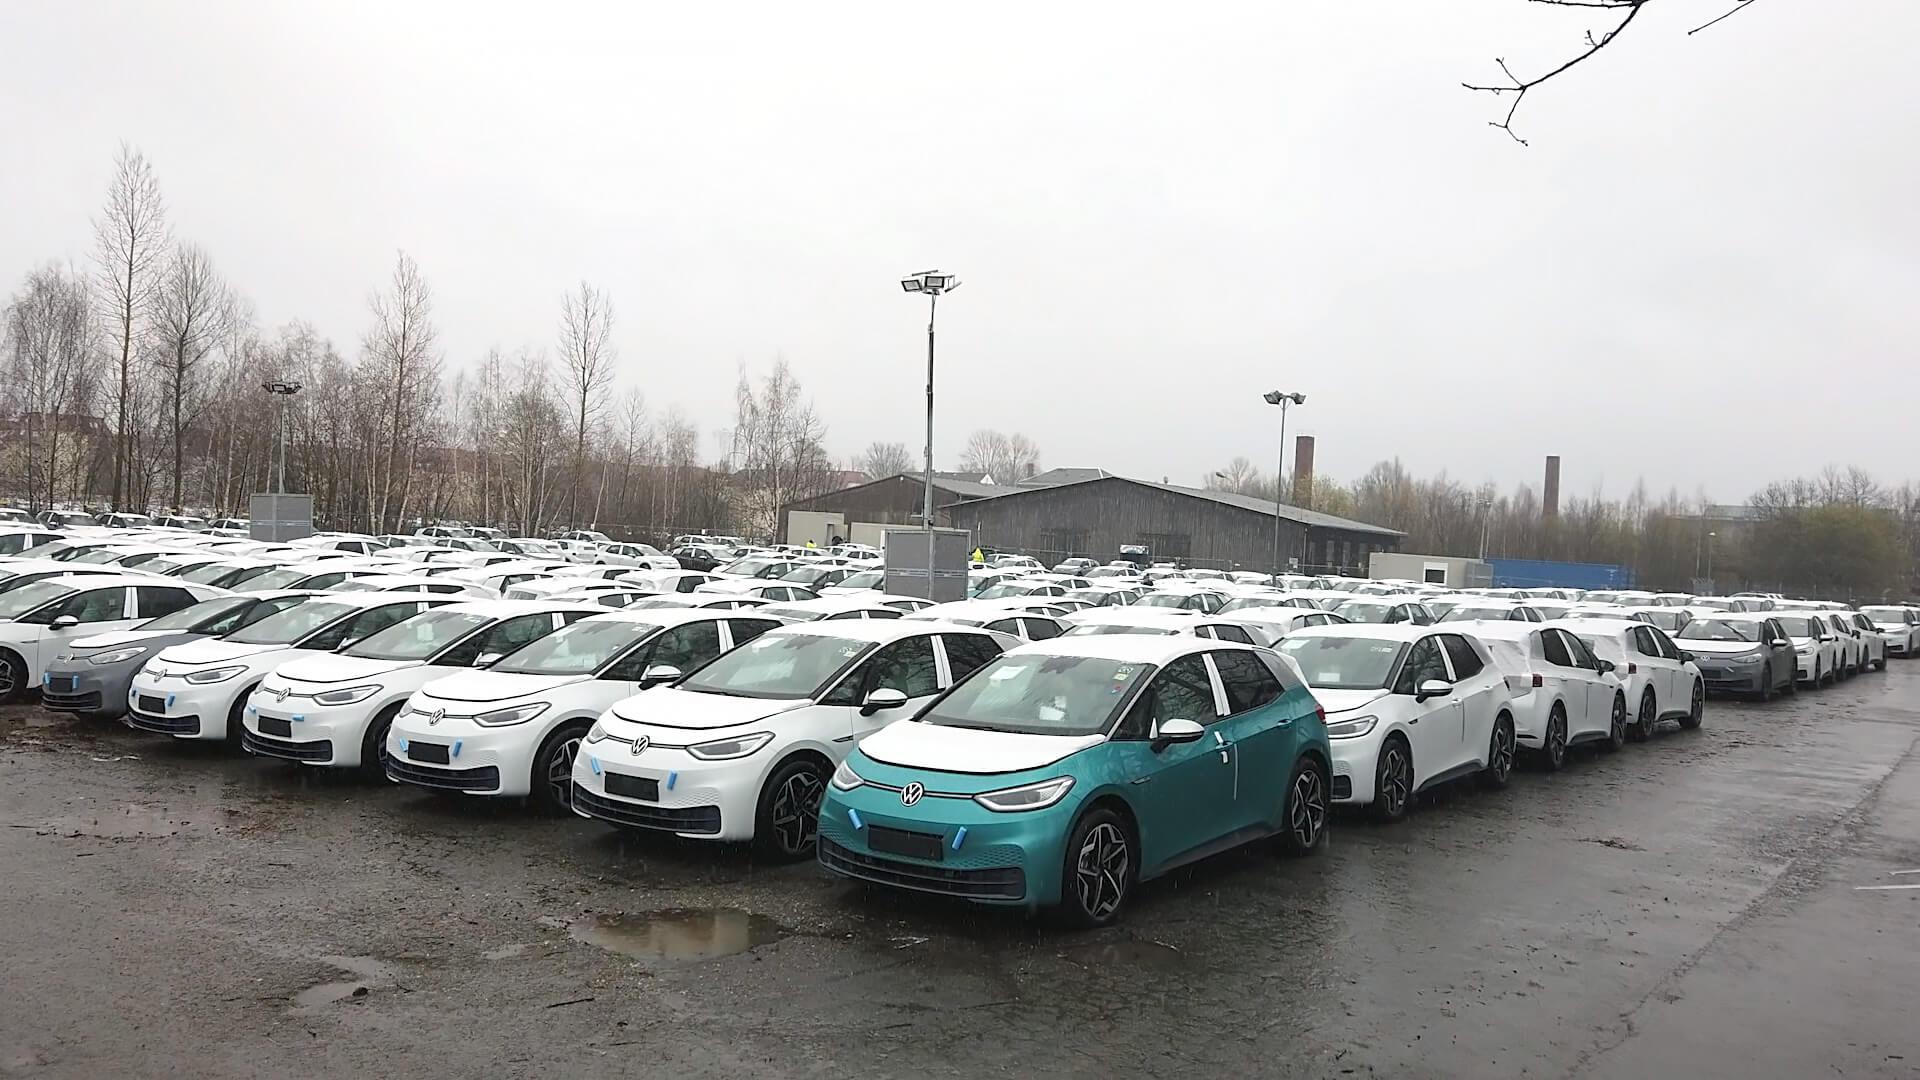 Тысячи Volkswagen ID.3 обнаружены на парковках в Германии